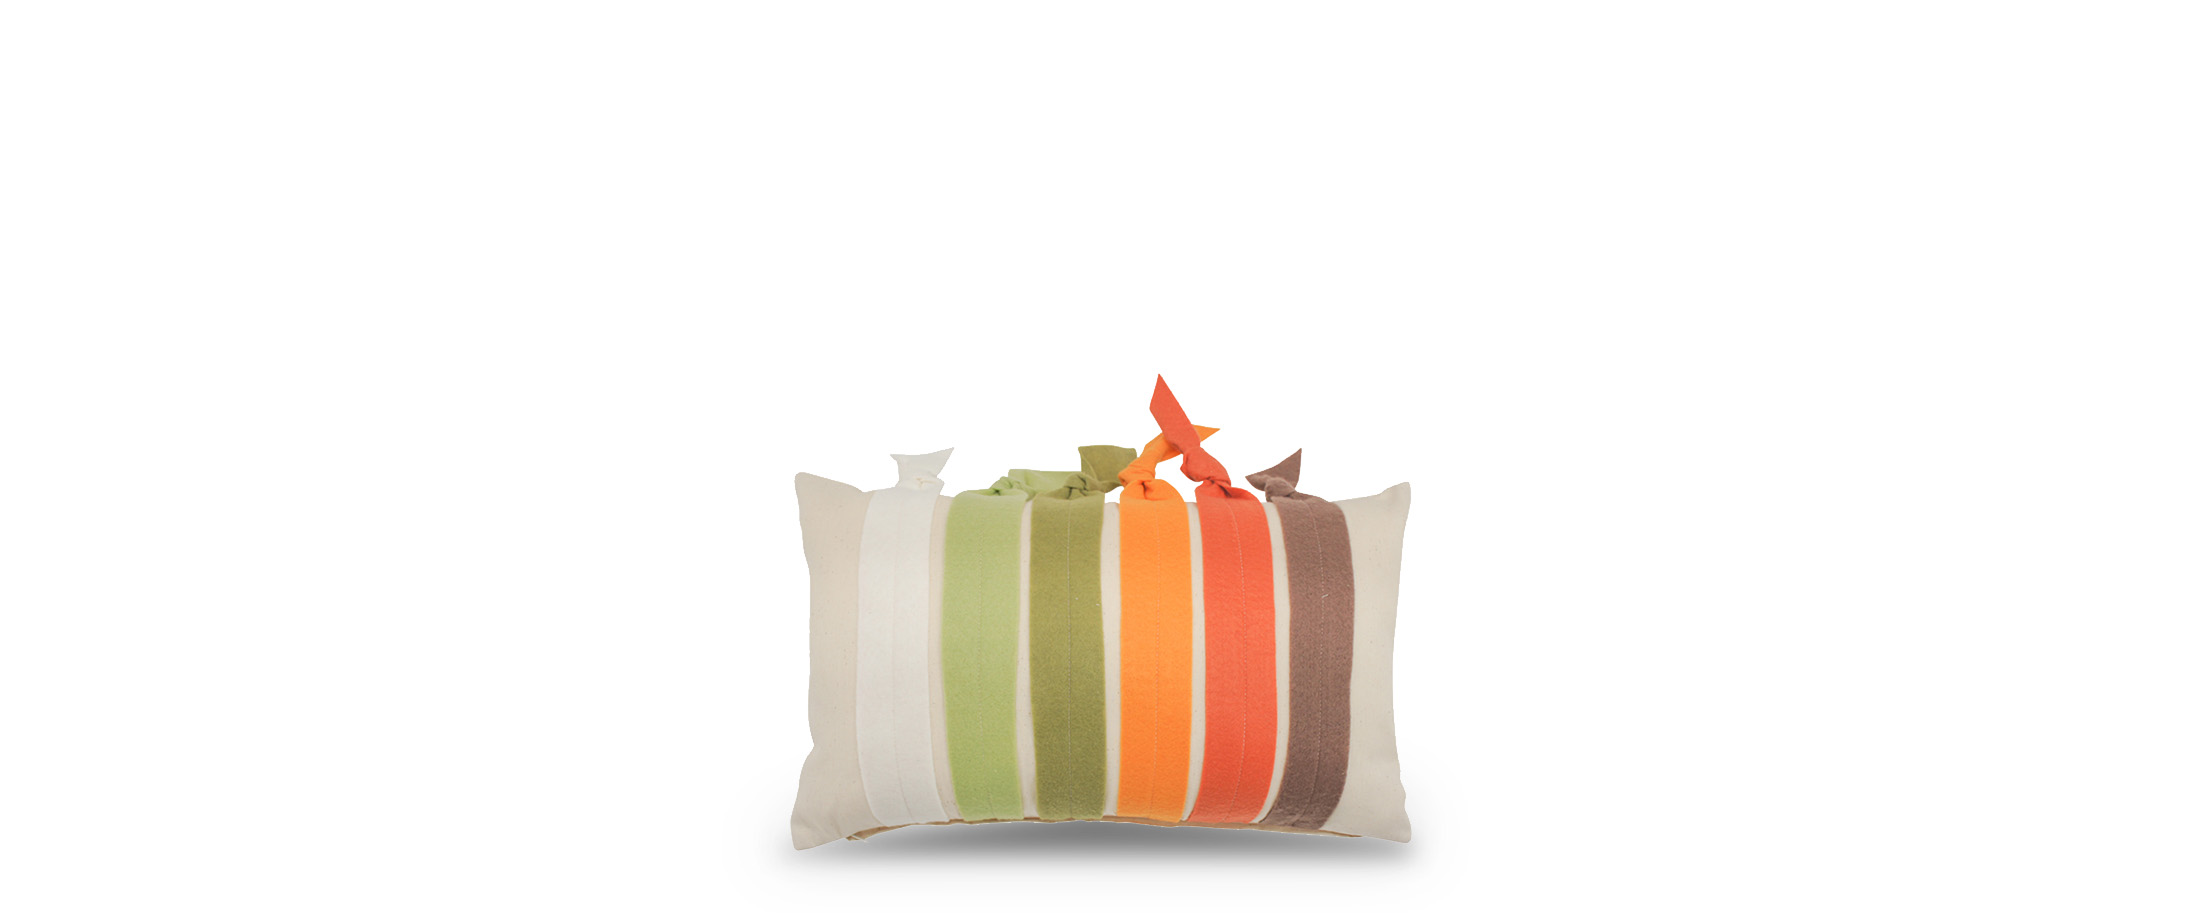 Подушка декоративная Хризантема 4010Подушка декоративная Хризантема 4010. Подушка изготовлена из натурального льна, обладающего уникальными характеристиками: экологичность, износостойкость, воздухопроницаемость, высокая теплопроводность, минимальная электризуемость.